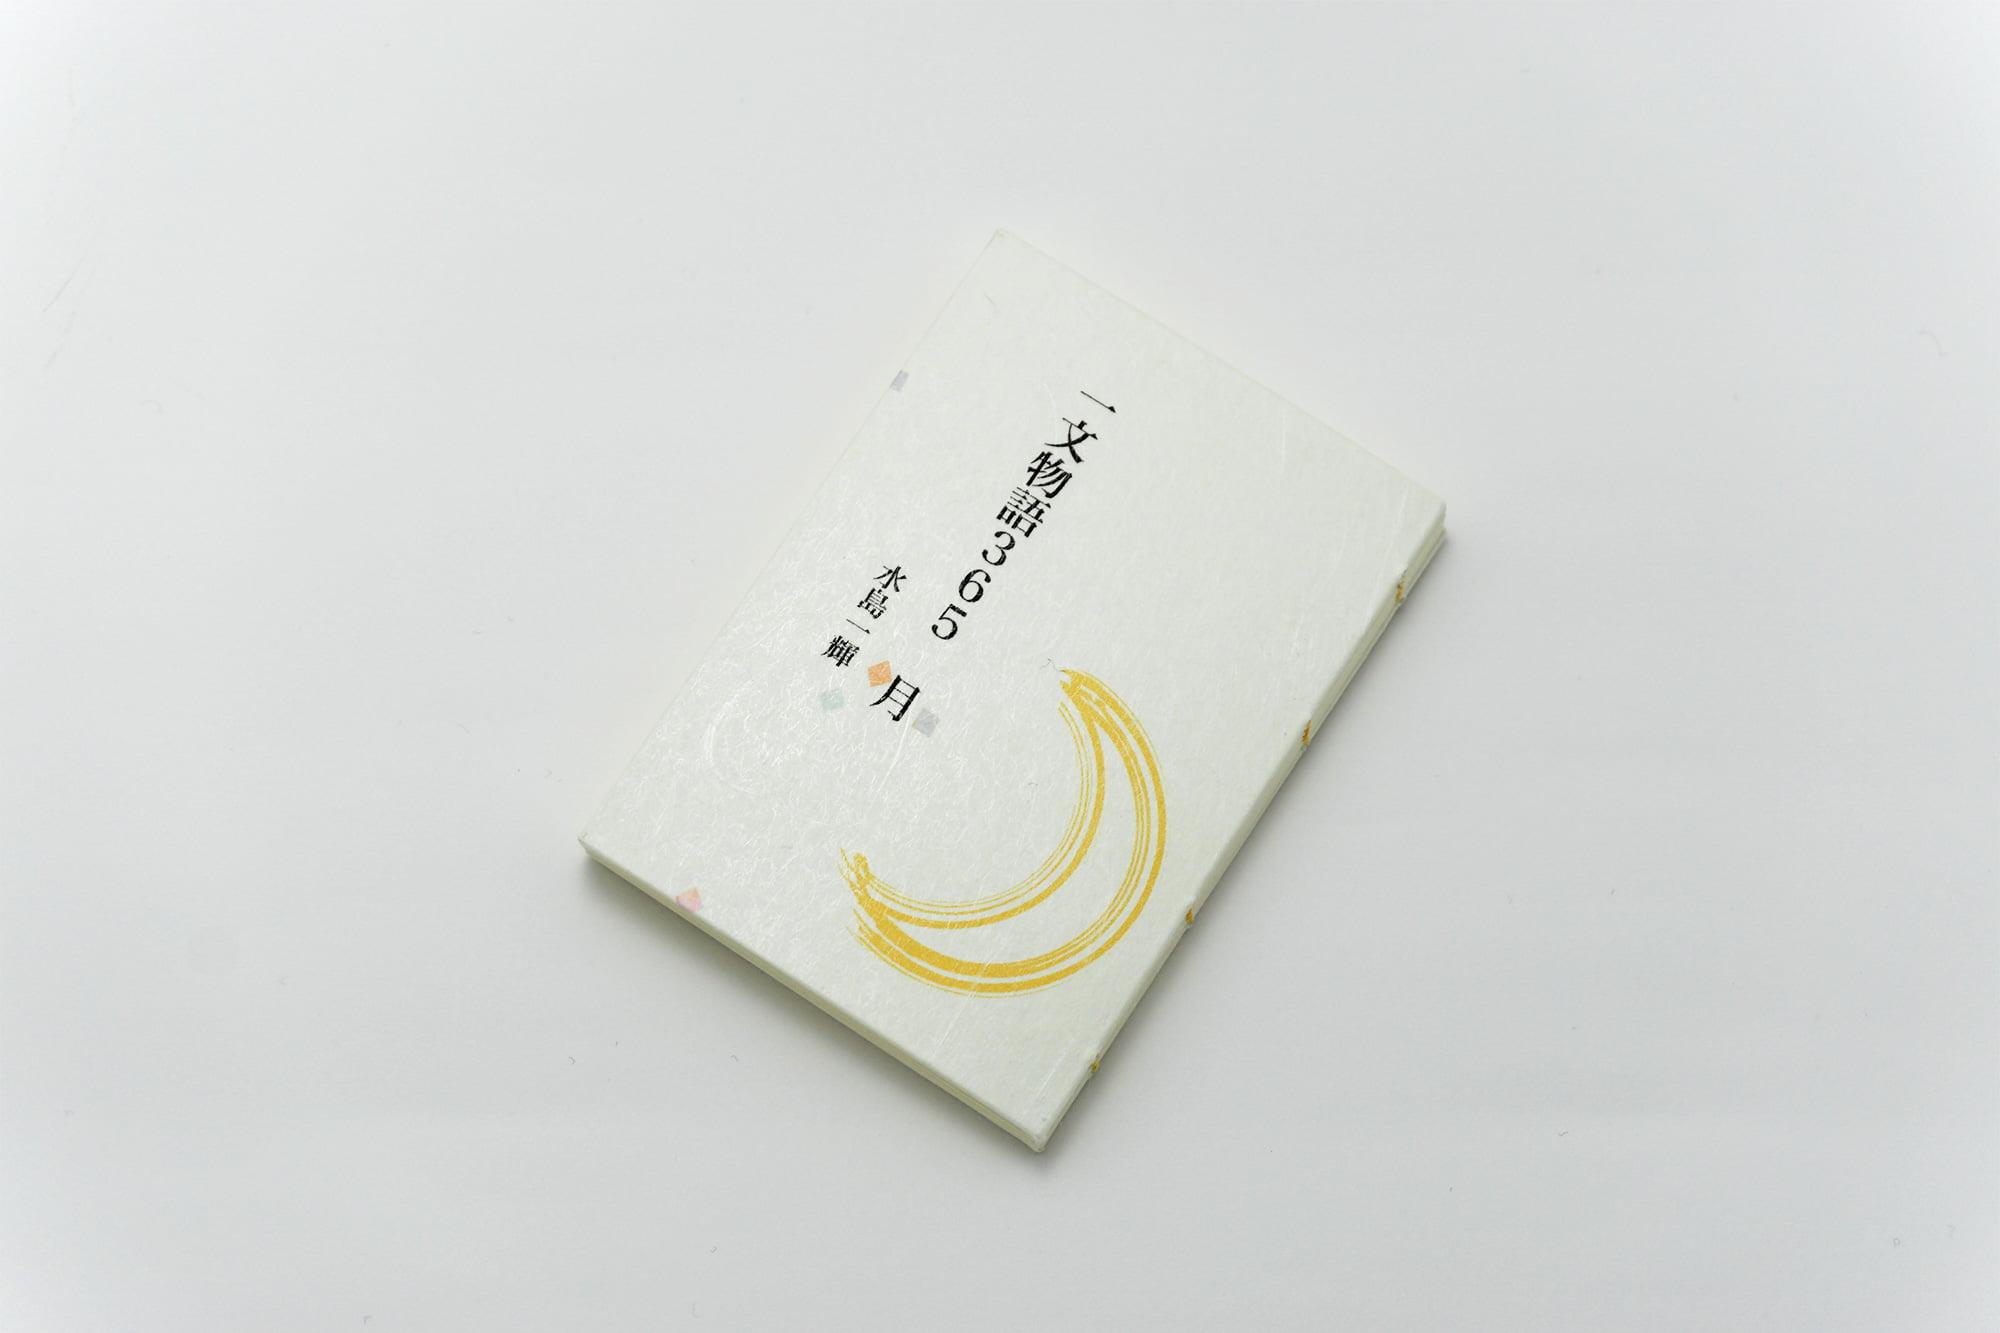 手製本 一文物語365 月の表紙